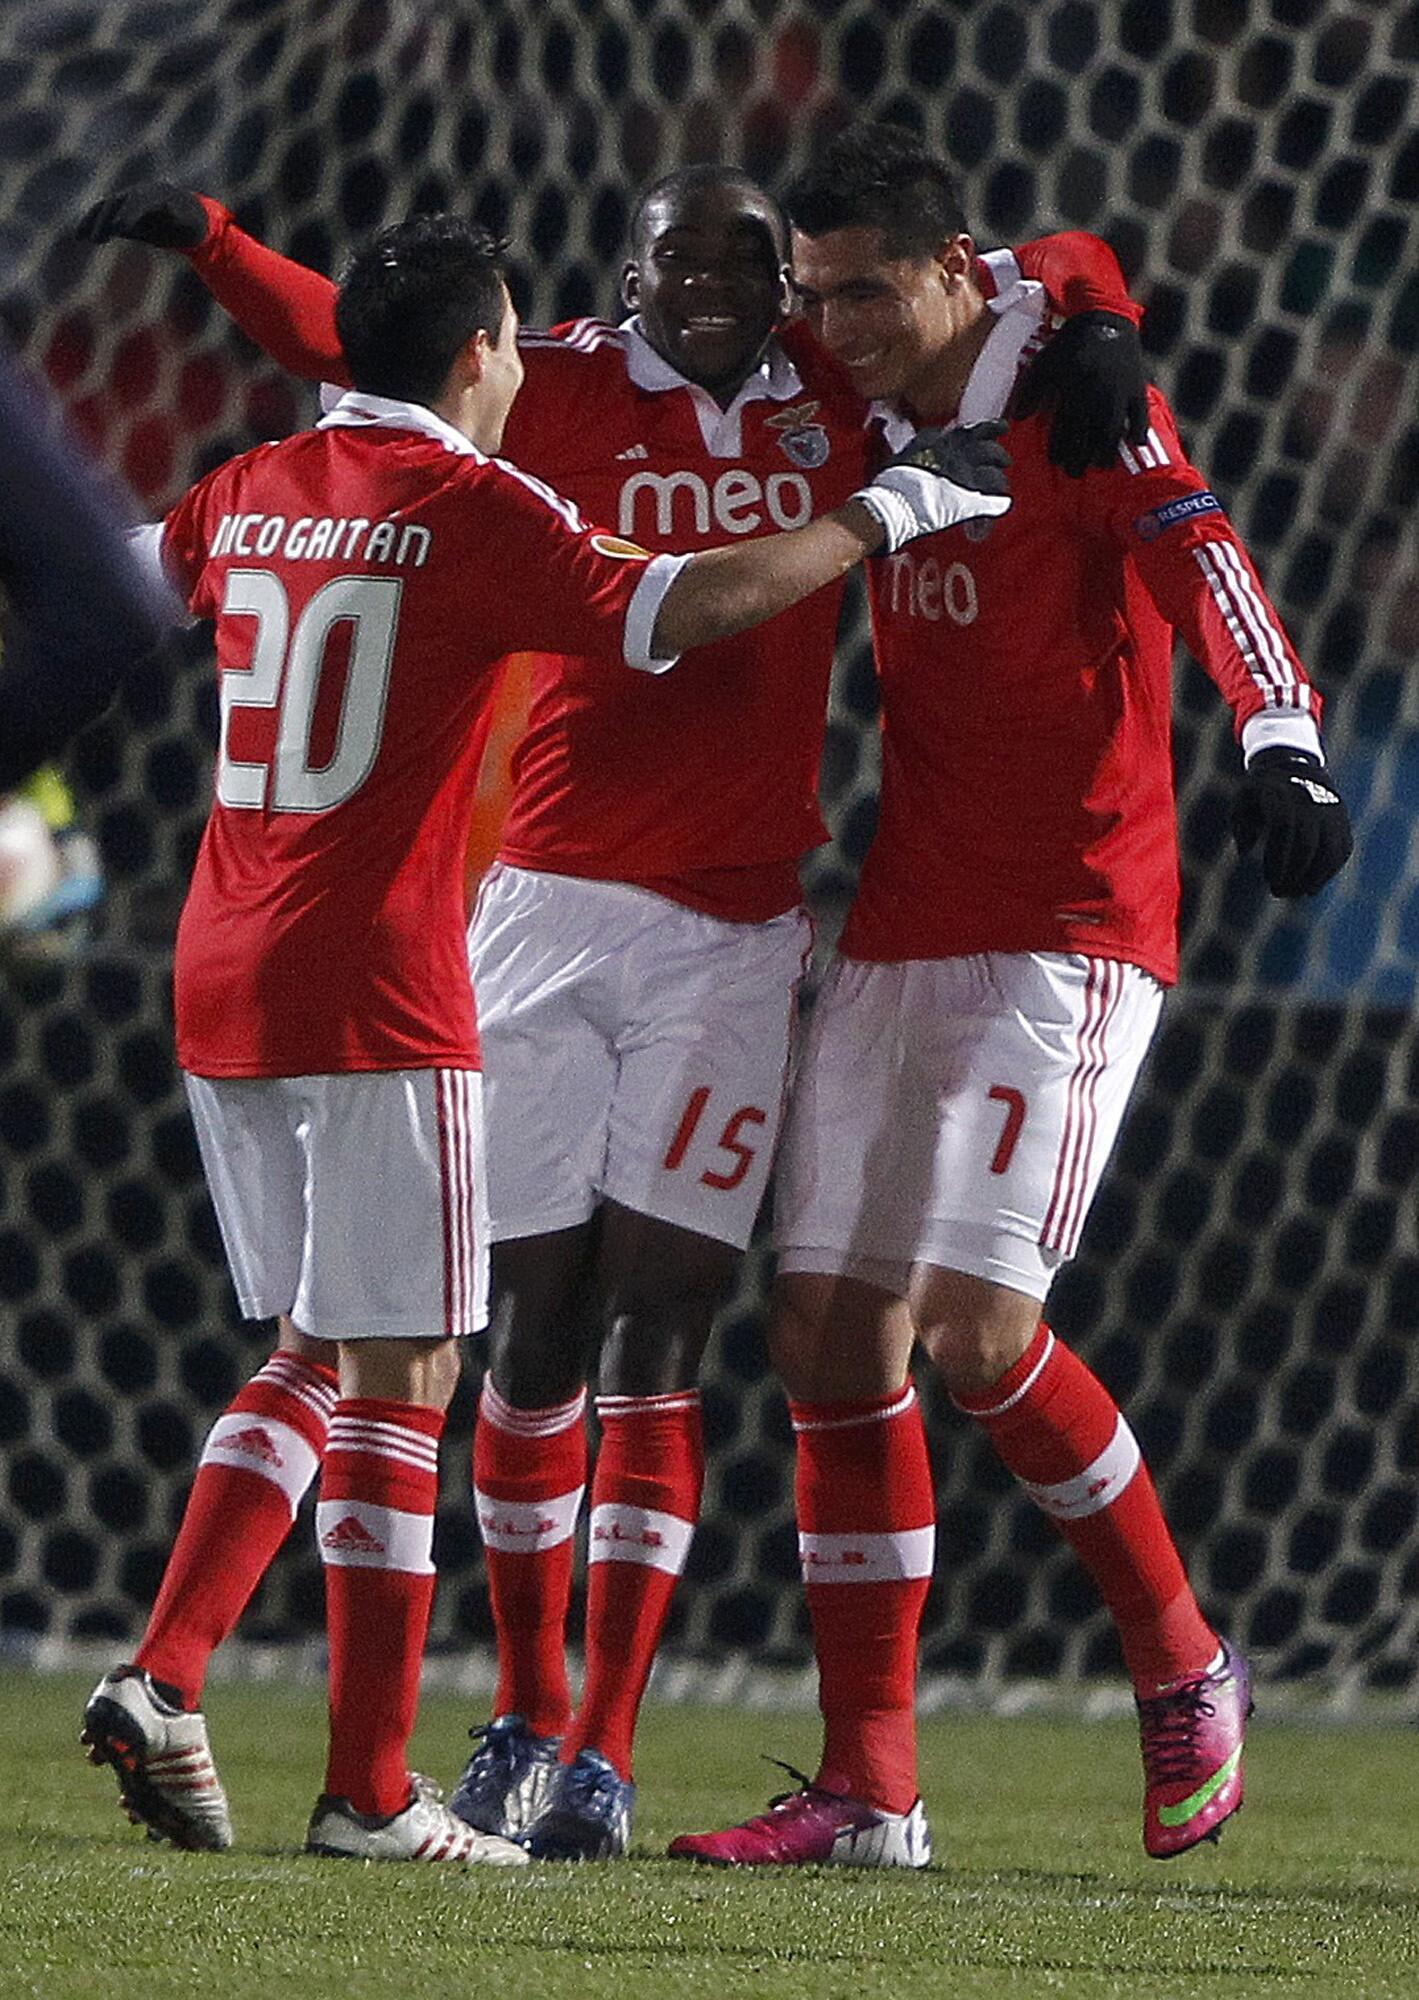 O avançado paraguaio,  Óscar Cardozo, na direita, apontou dois golos frente ao Bordéus no estádio Chaban-Delmas, num jogo a contar para a Liga Europa e que o Benfica venceu por 3-2.